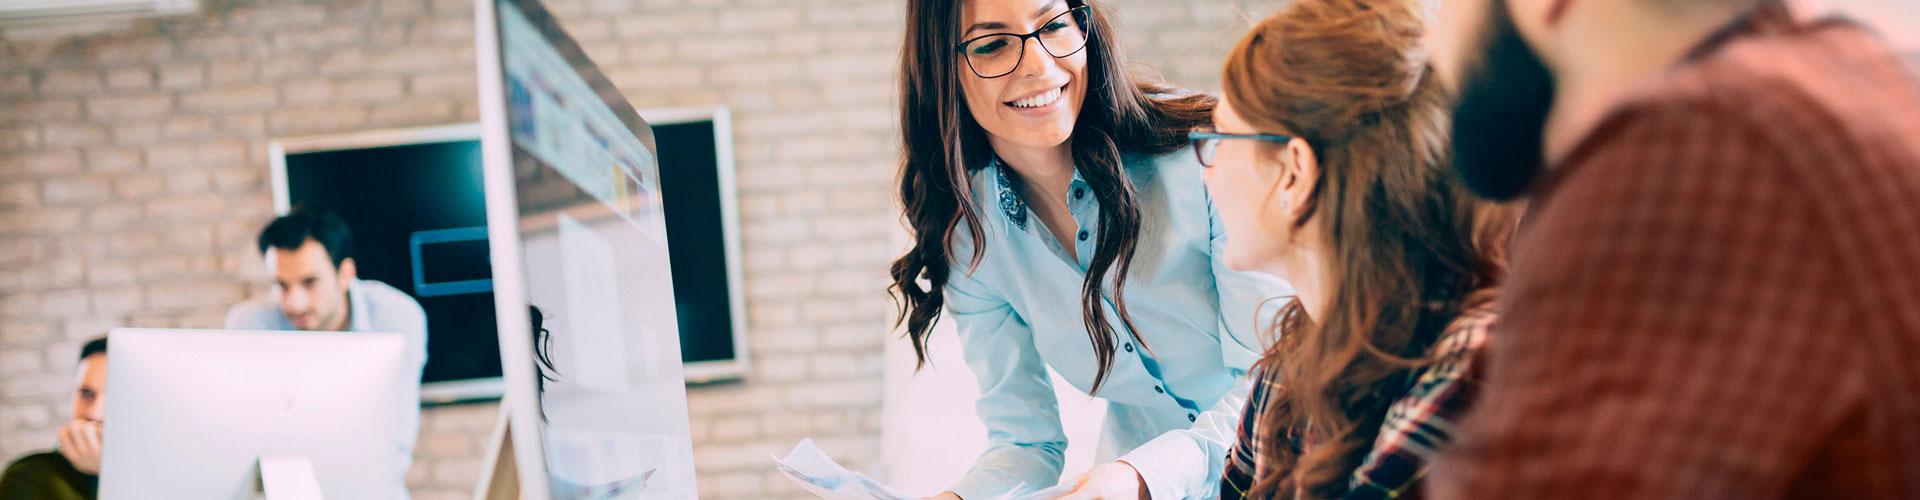 Frau erklärt einer Kollegin im Büro einen Arbeitsvorgang